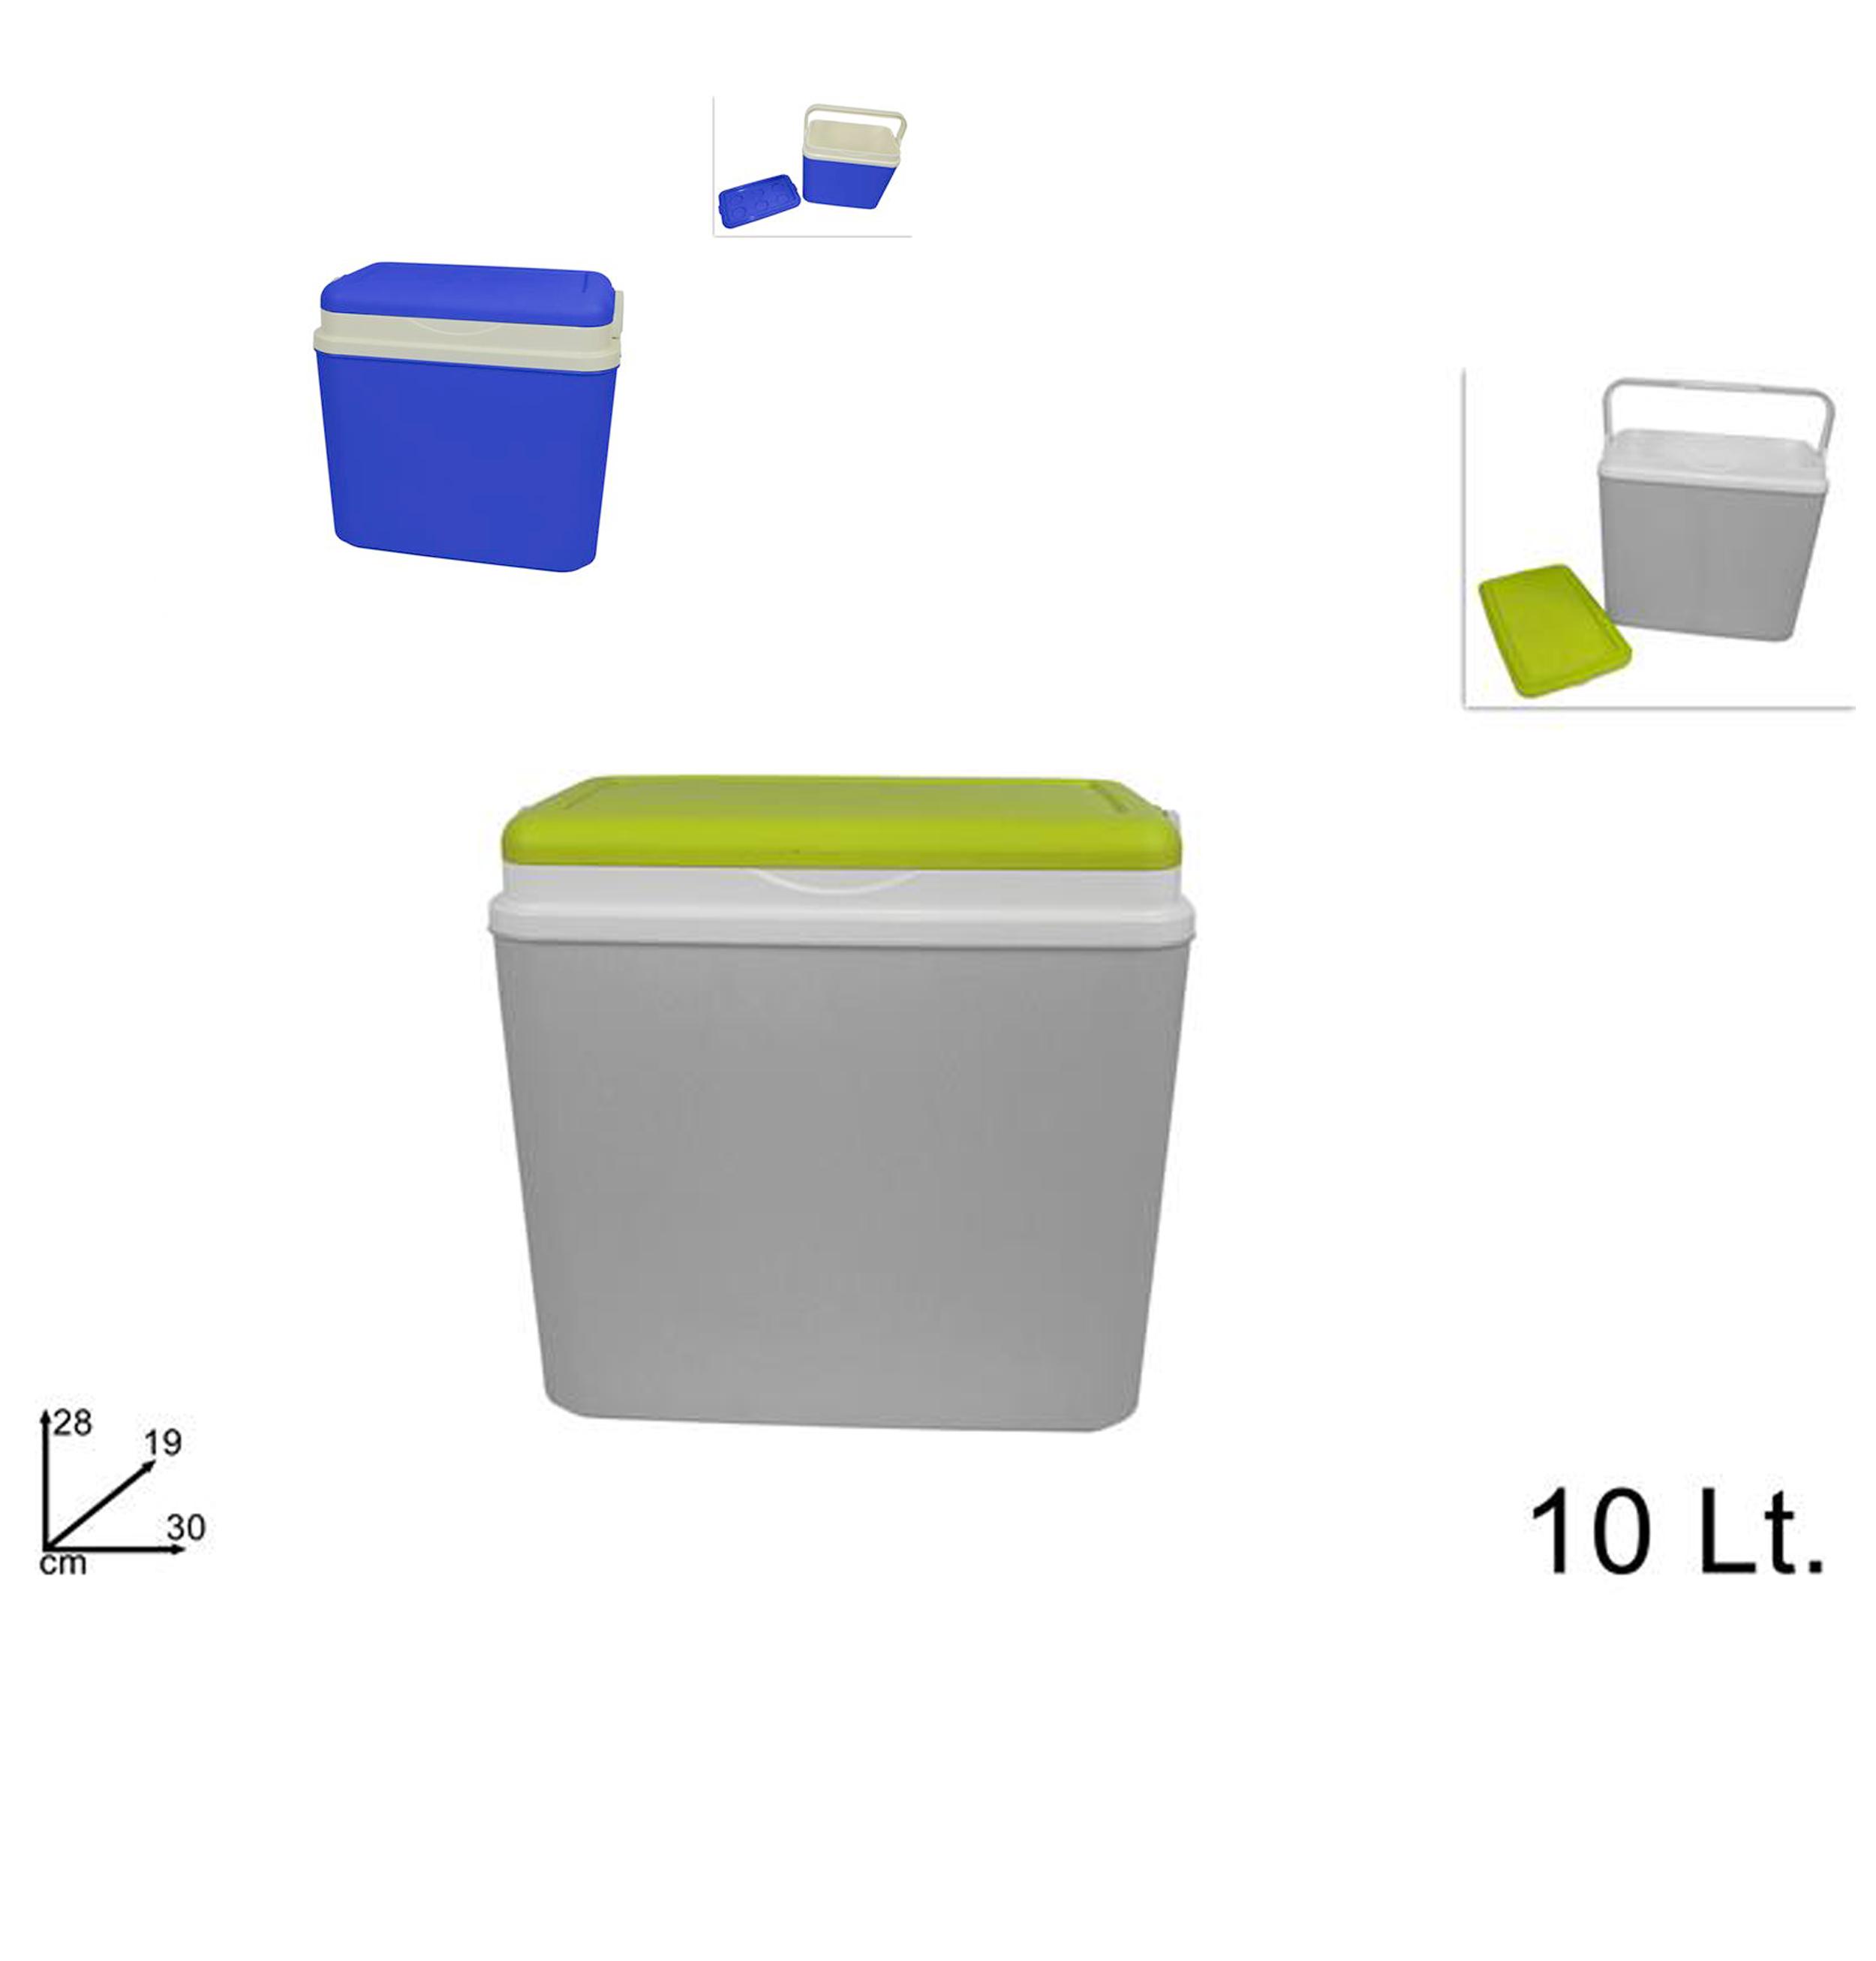 Πλαστικό ψυγείο πικ νικ 10 lt